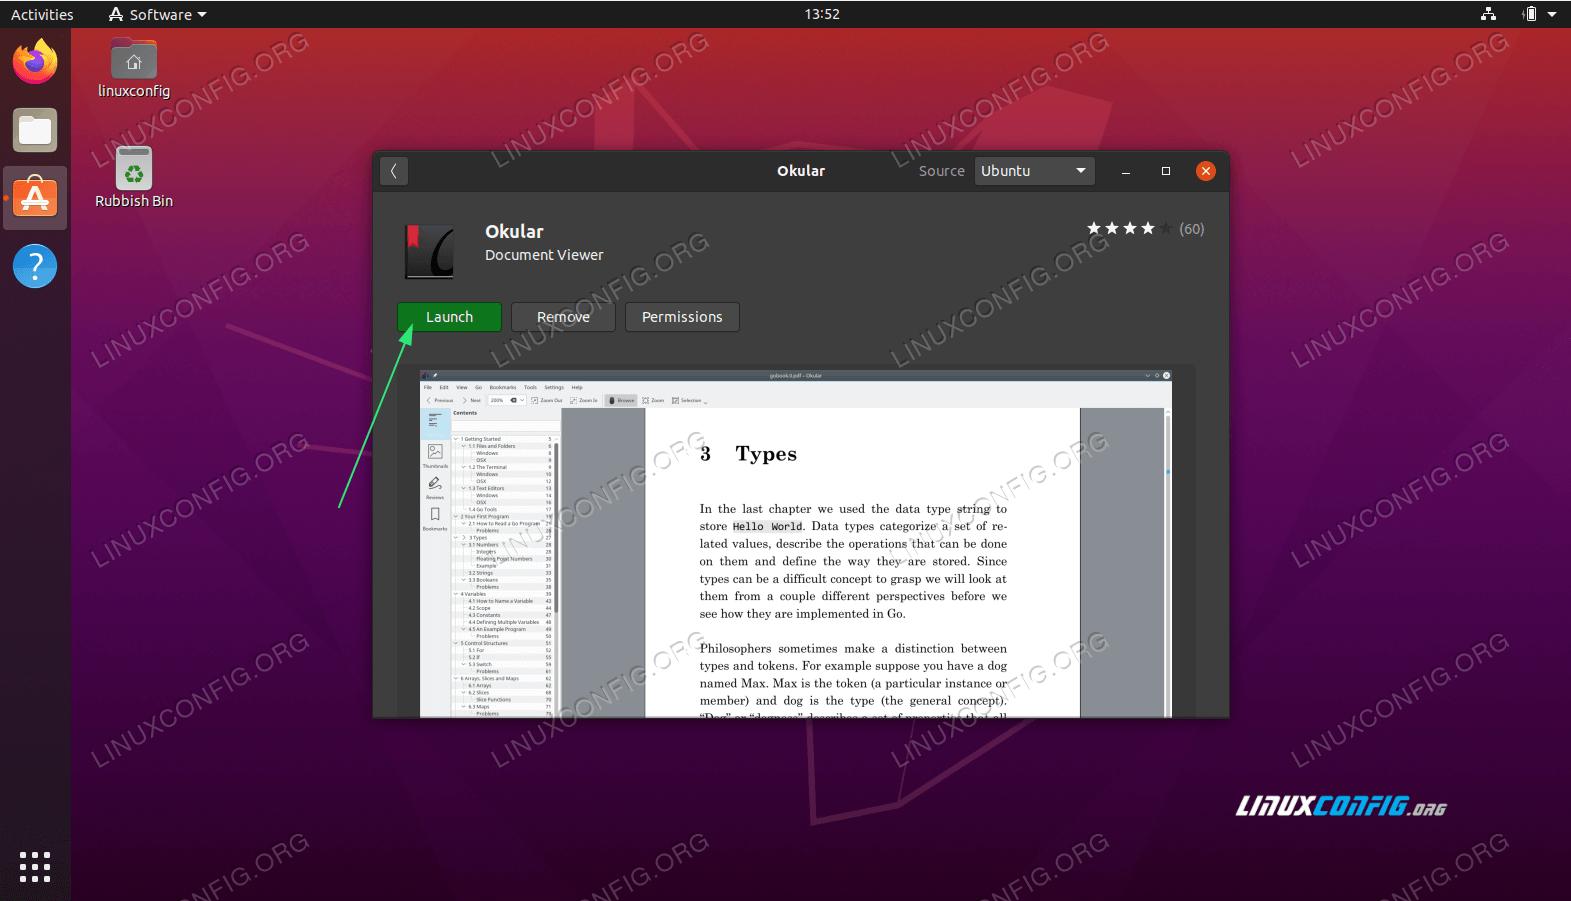 Start the Okular PDF viewer application